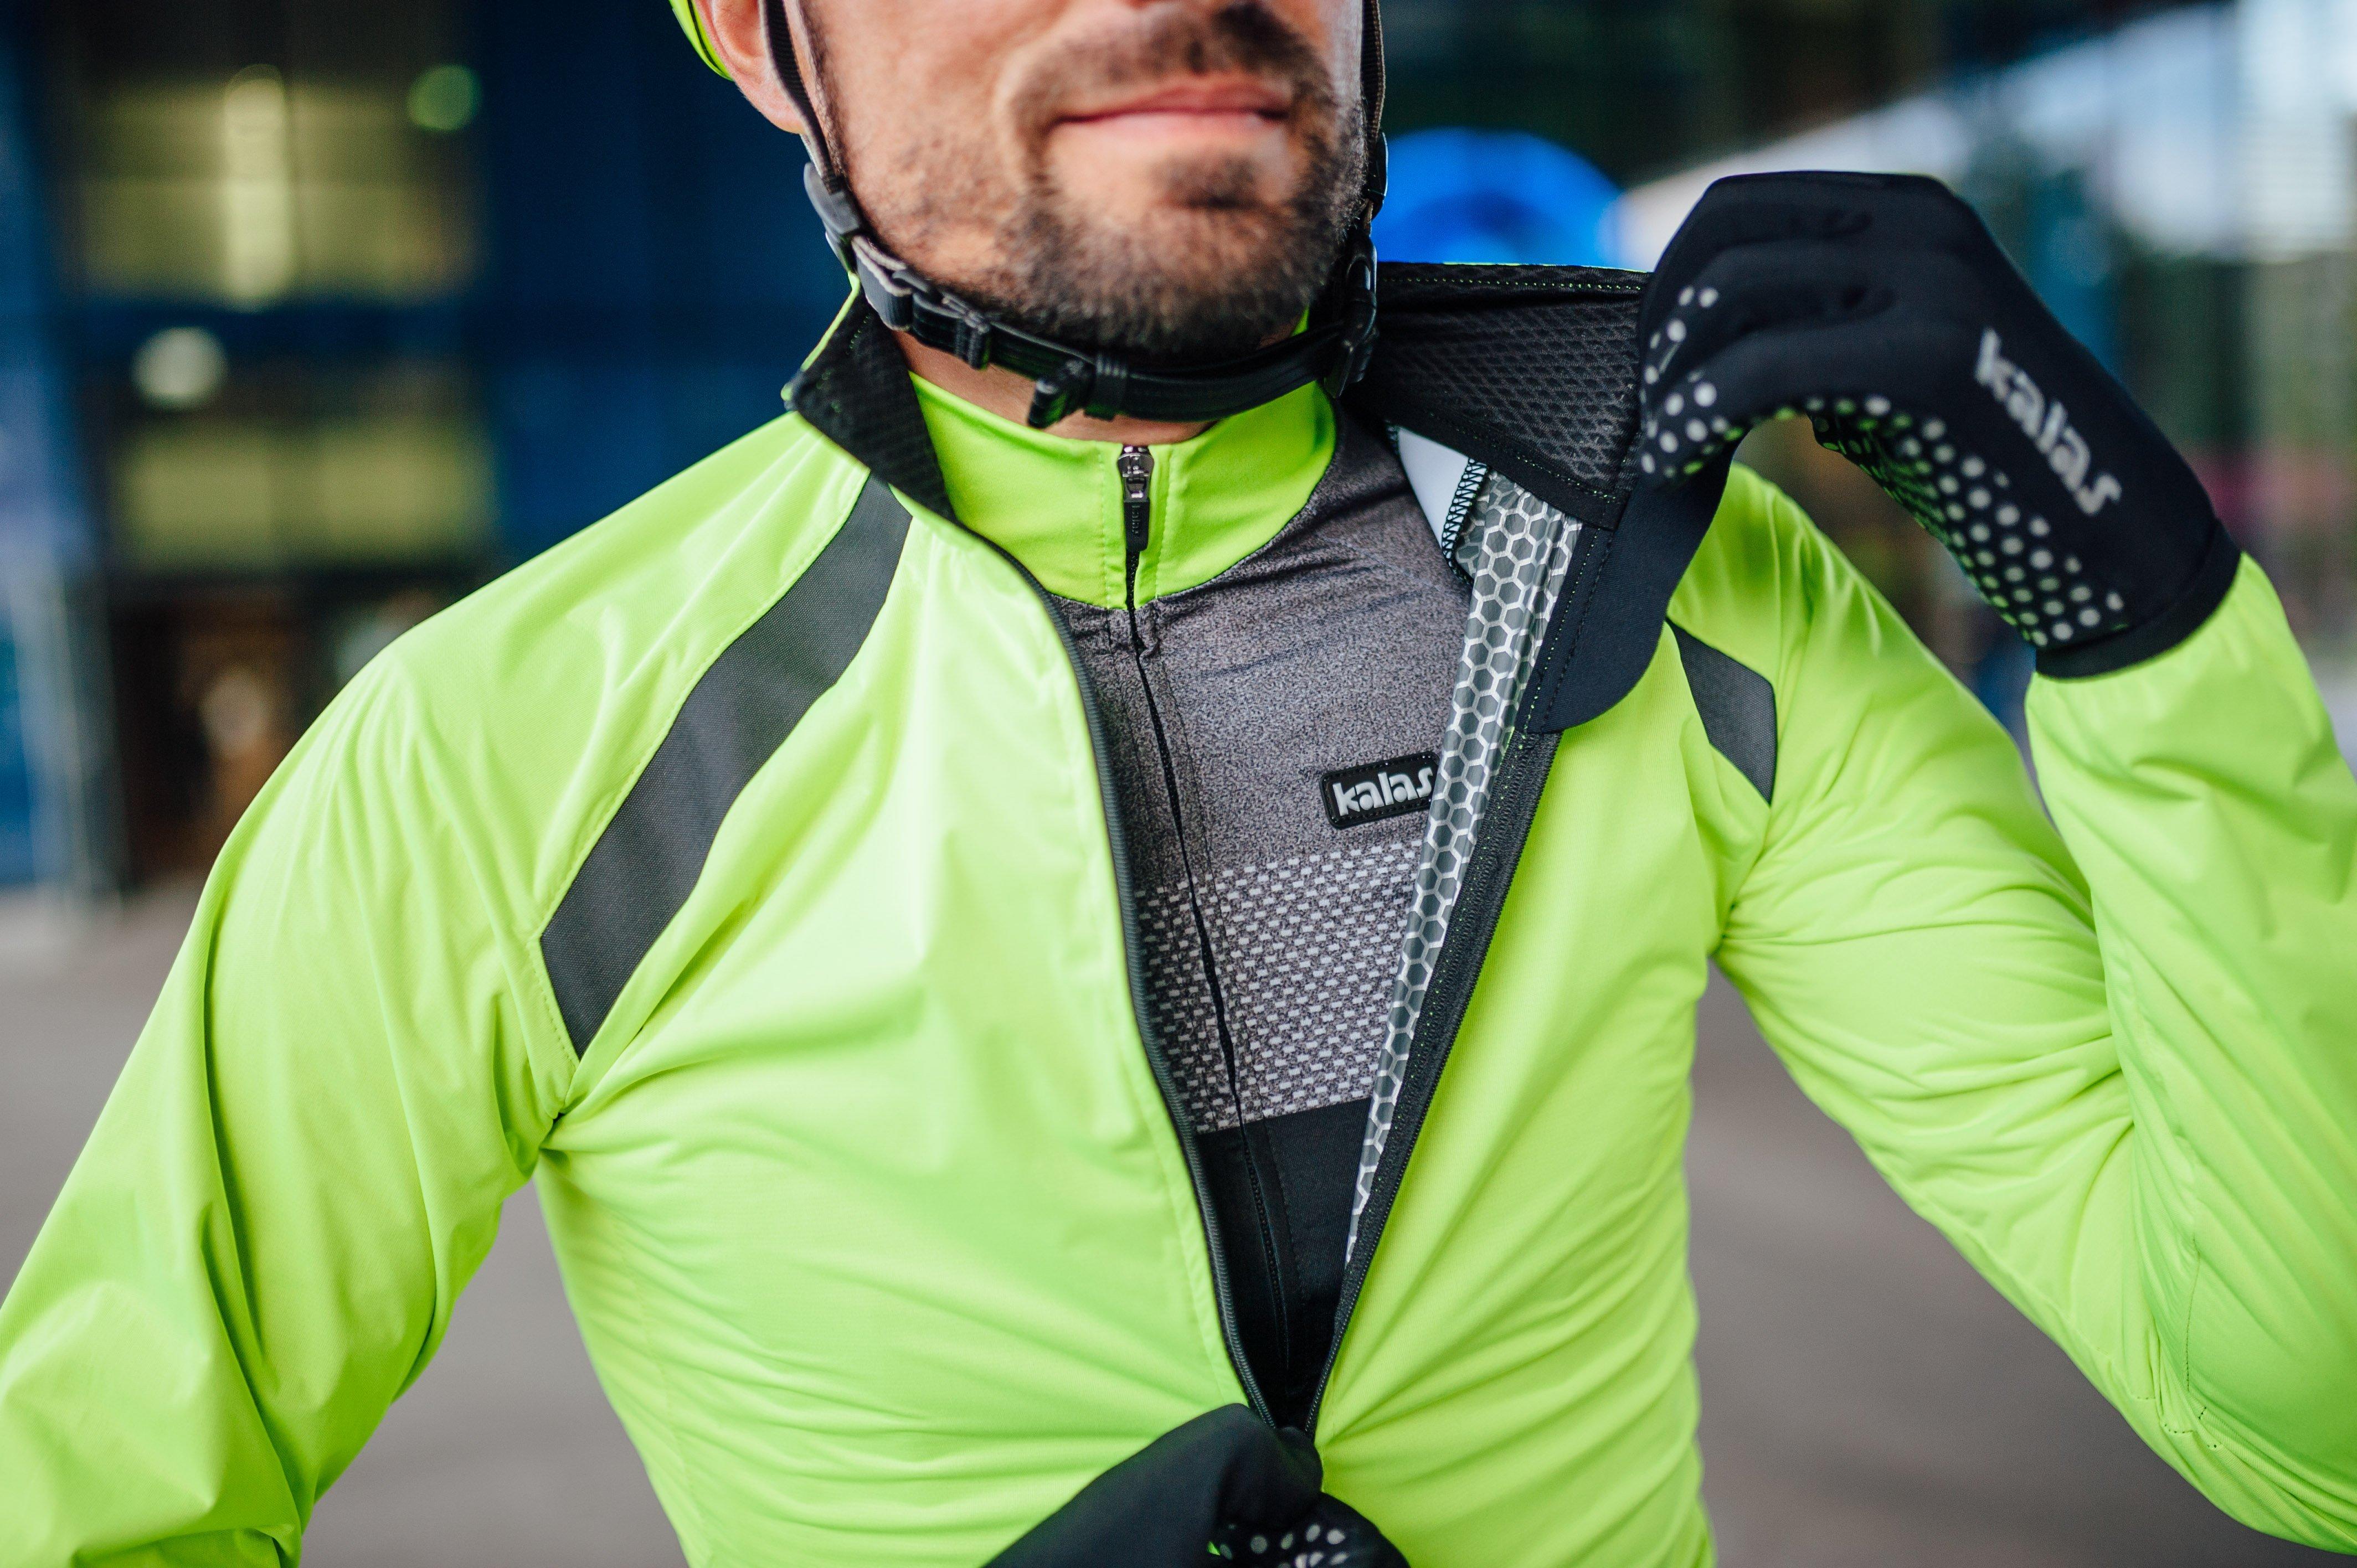 chaqueta ciclista flúor